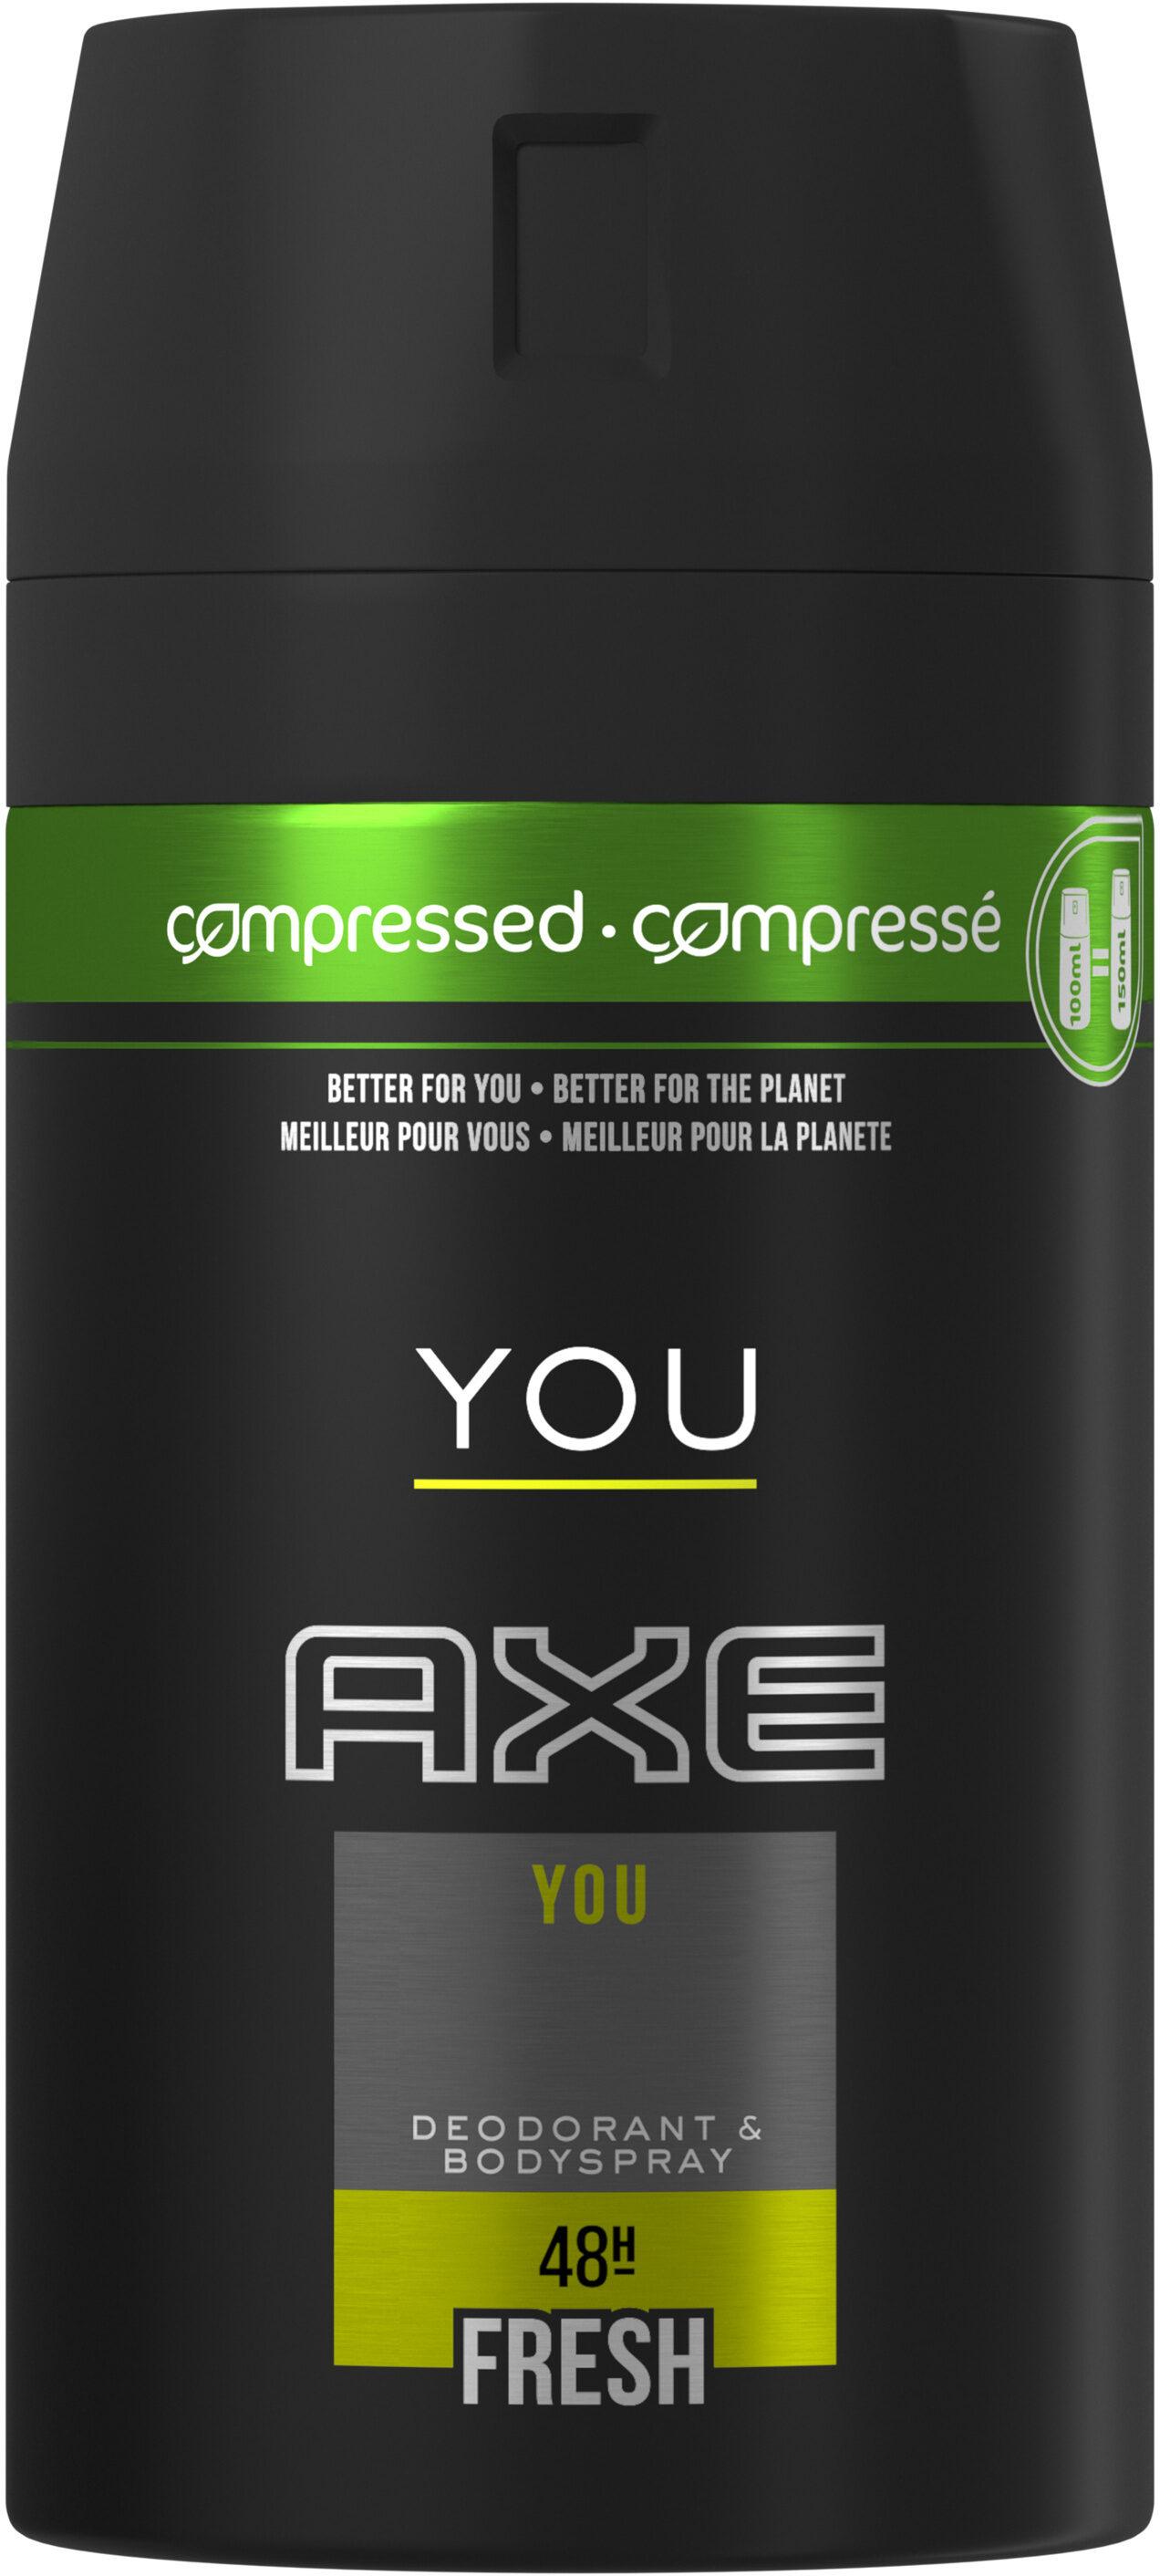 AXE Déodorant Anti Bactérien You Spray - Product - fr